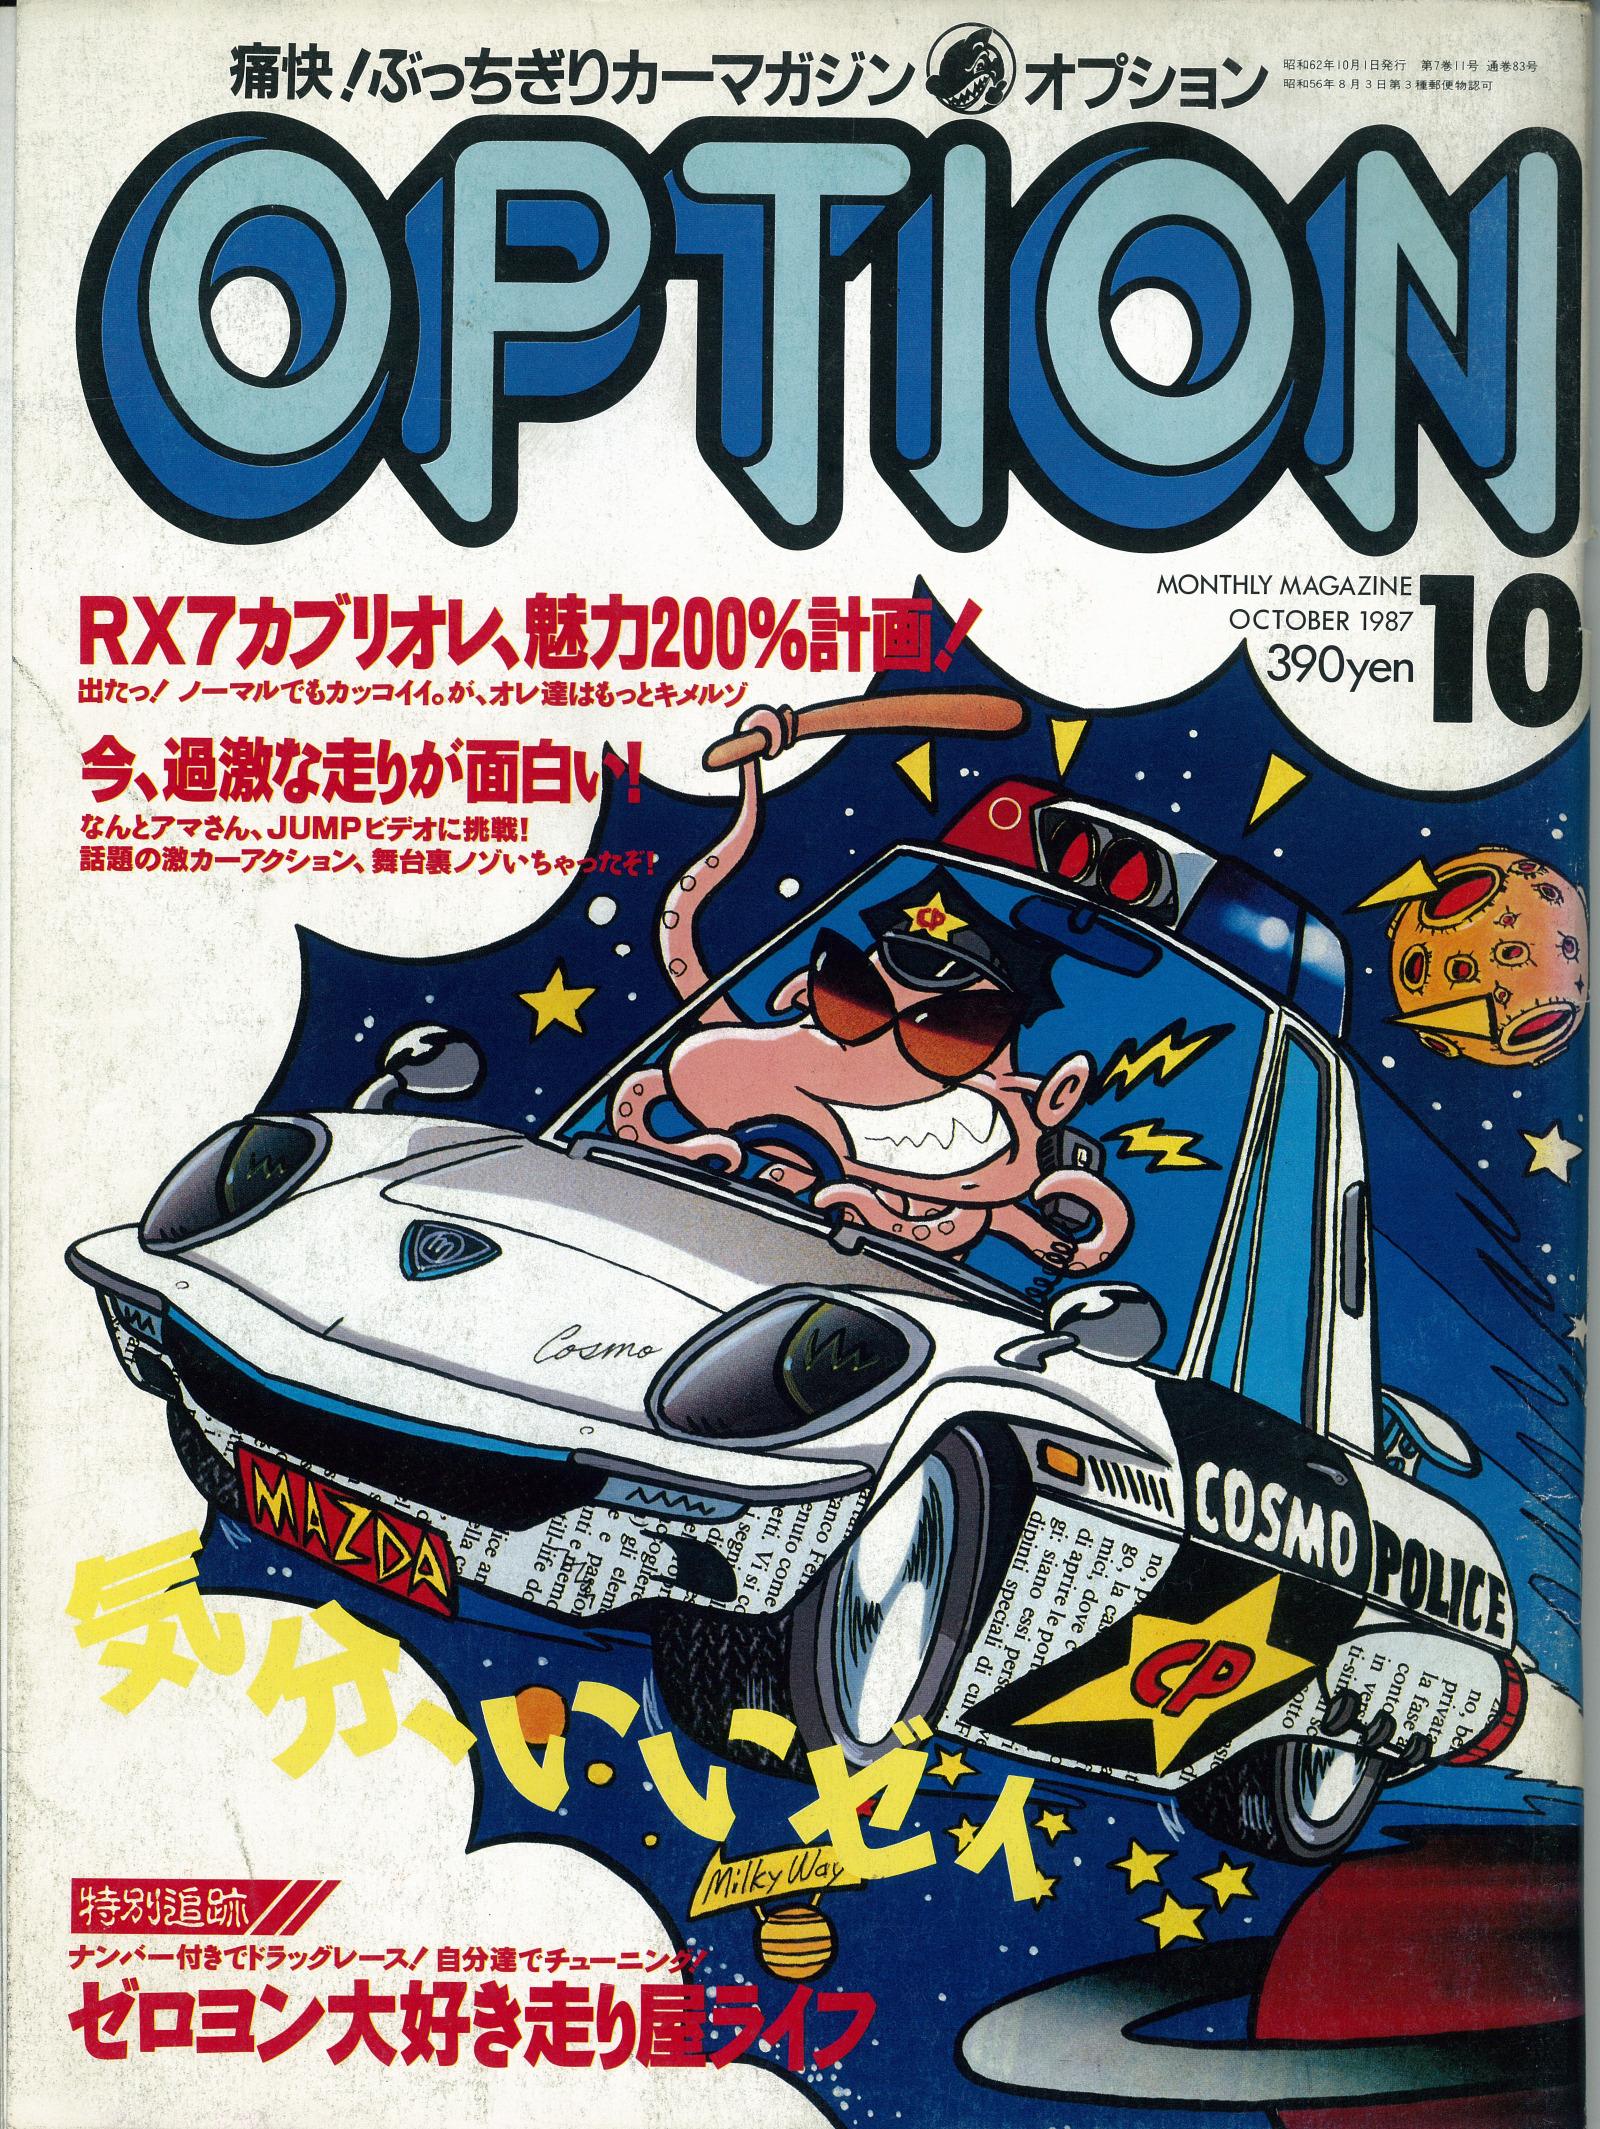 「車系YouTuberのハシリはRE雨宮・雨さんだった!?【OPTION 1987年10月号より】」の7枚目の画像